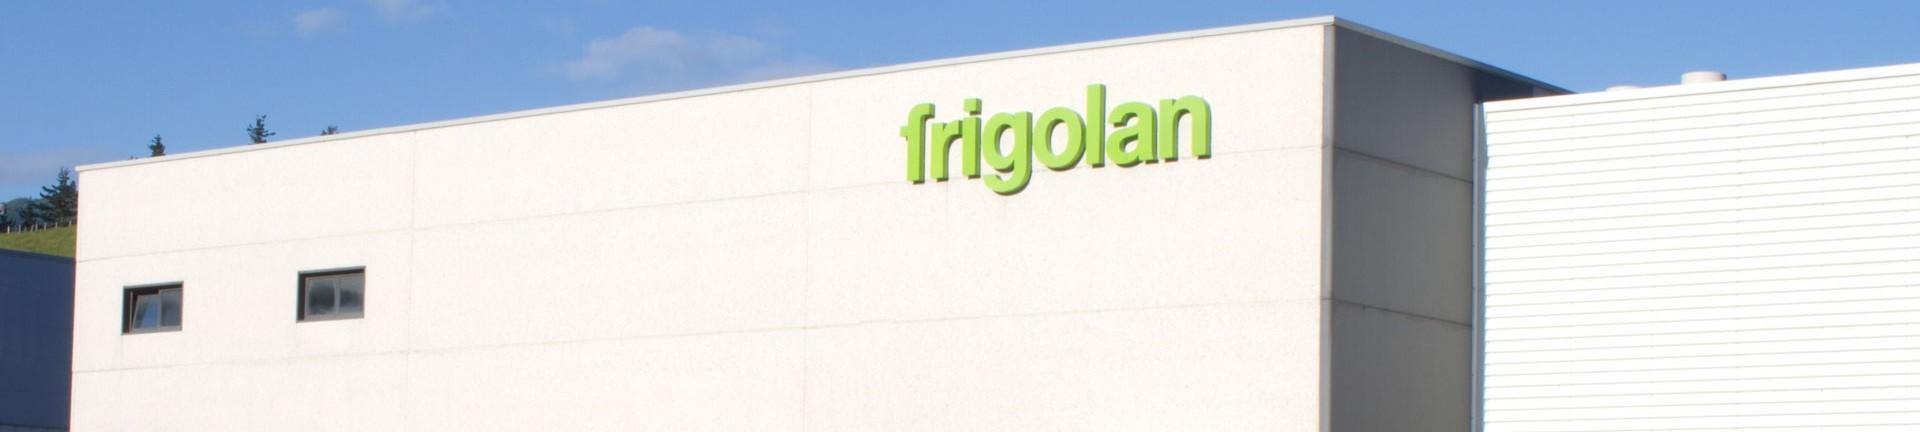 frigolan-01